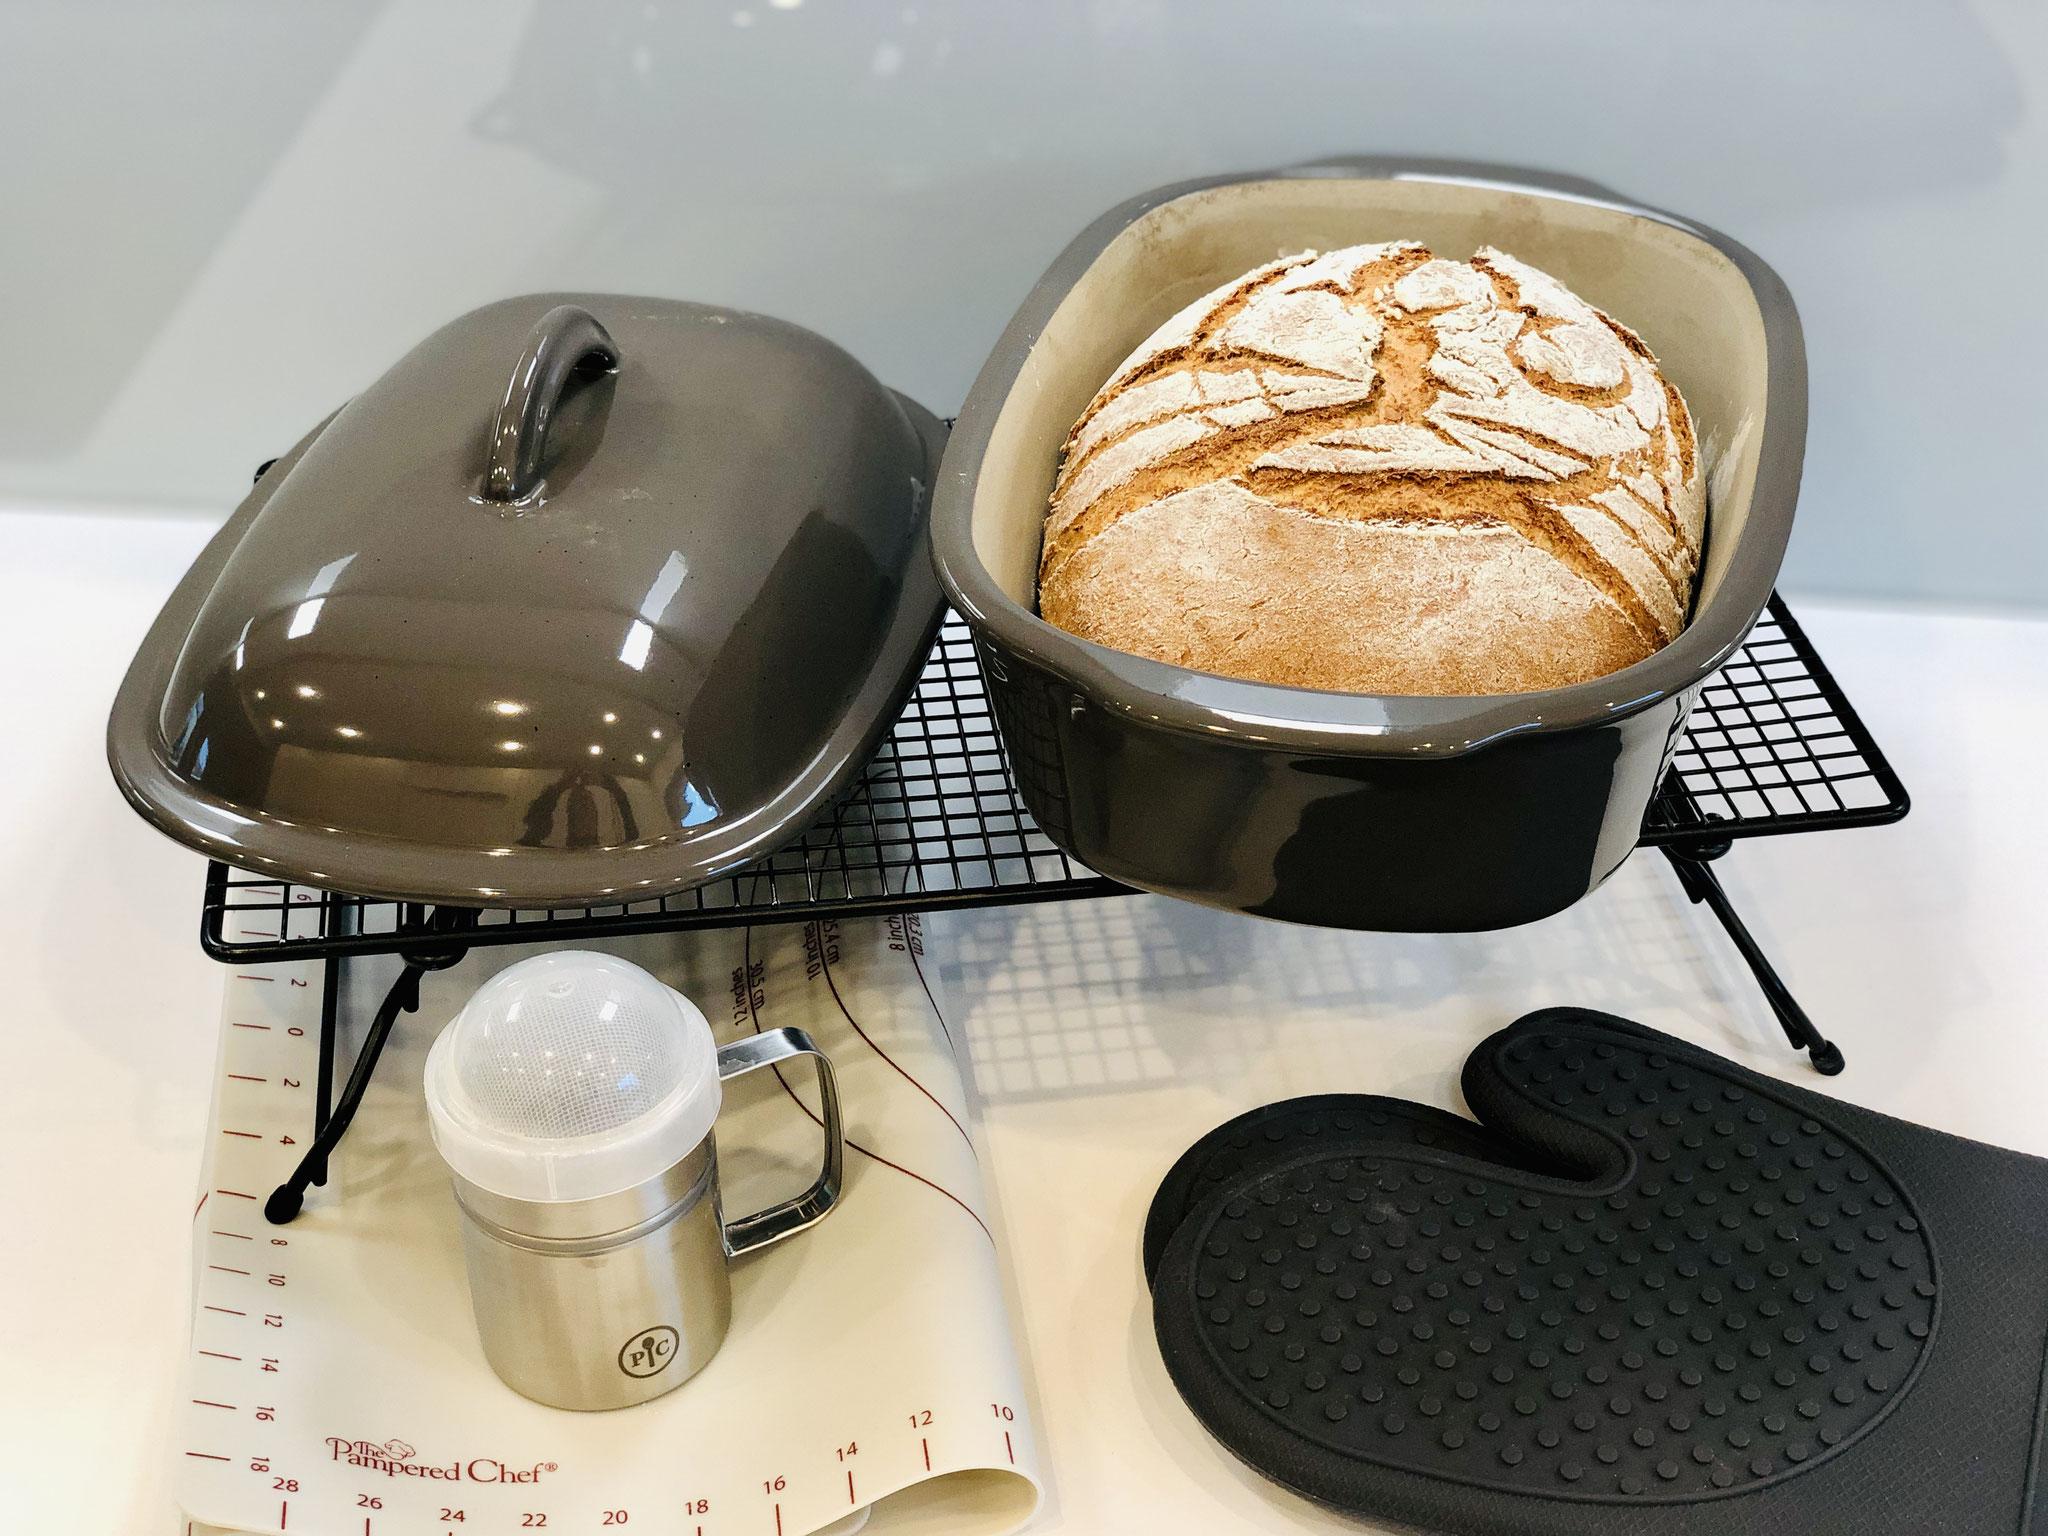 Nach 1 Stunde Backzeit hast du ein wunderbares knuspriges Steinbackofenbrot aus dem Ofenmeister ♥